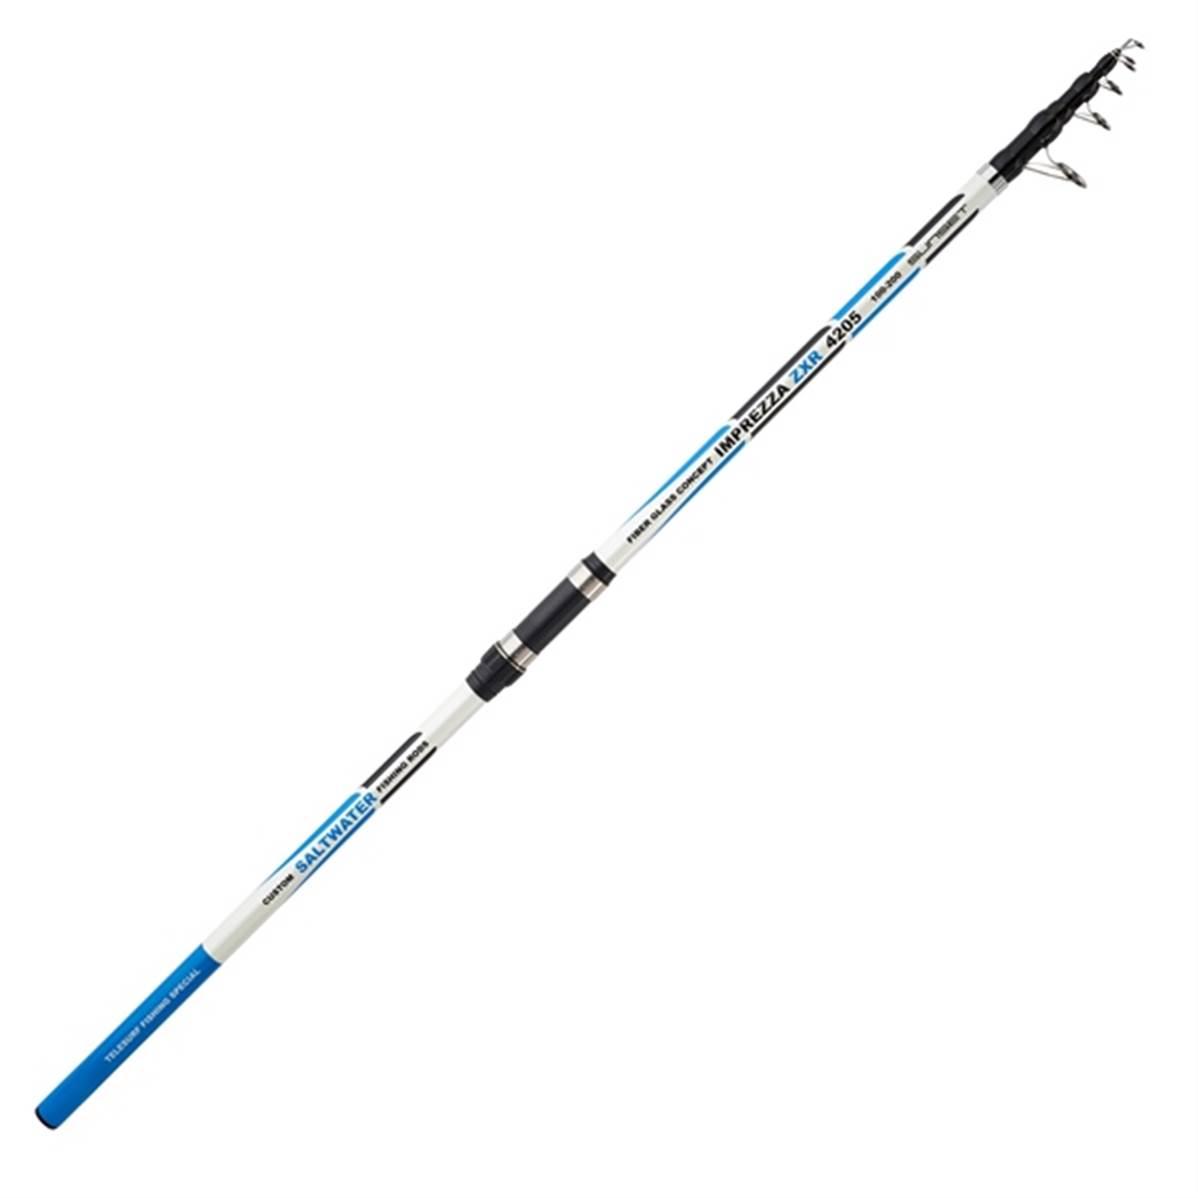 10-50 112 Daiwa Canne Surf TELESCOPIQUE Proteus Tele Surf 5 380 7 360